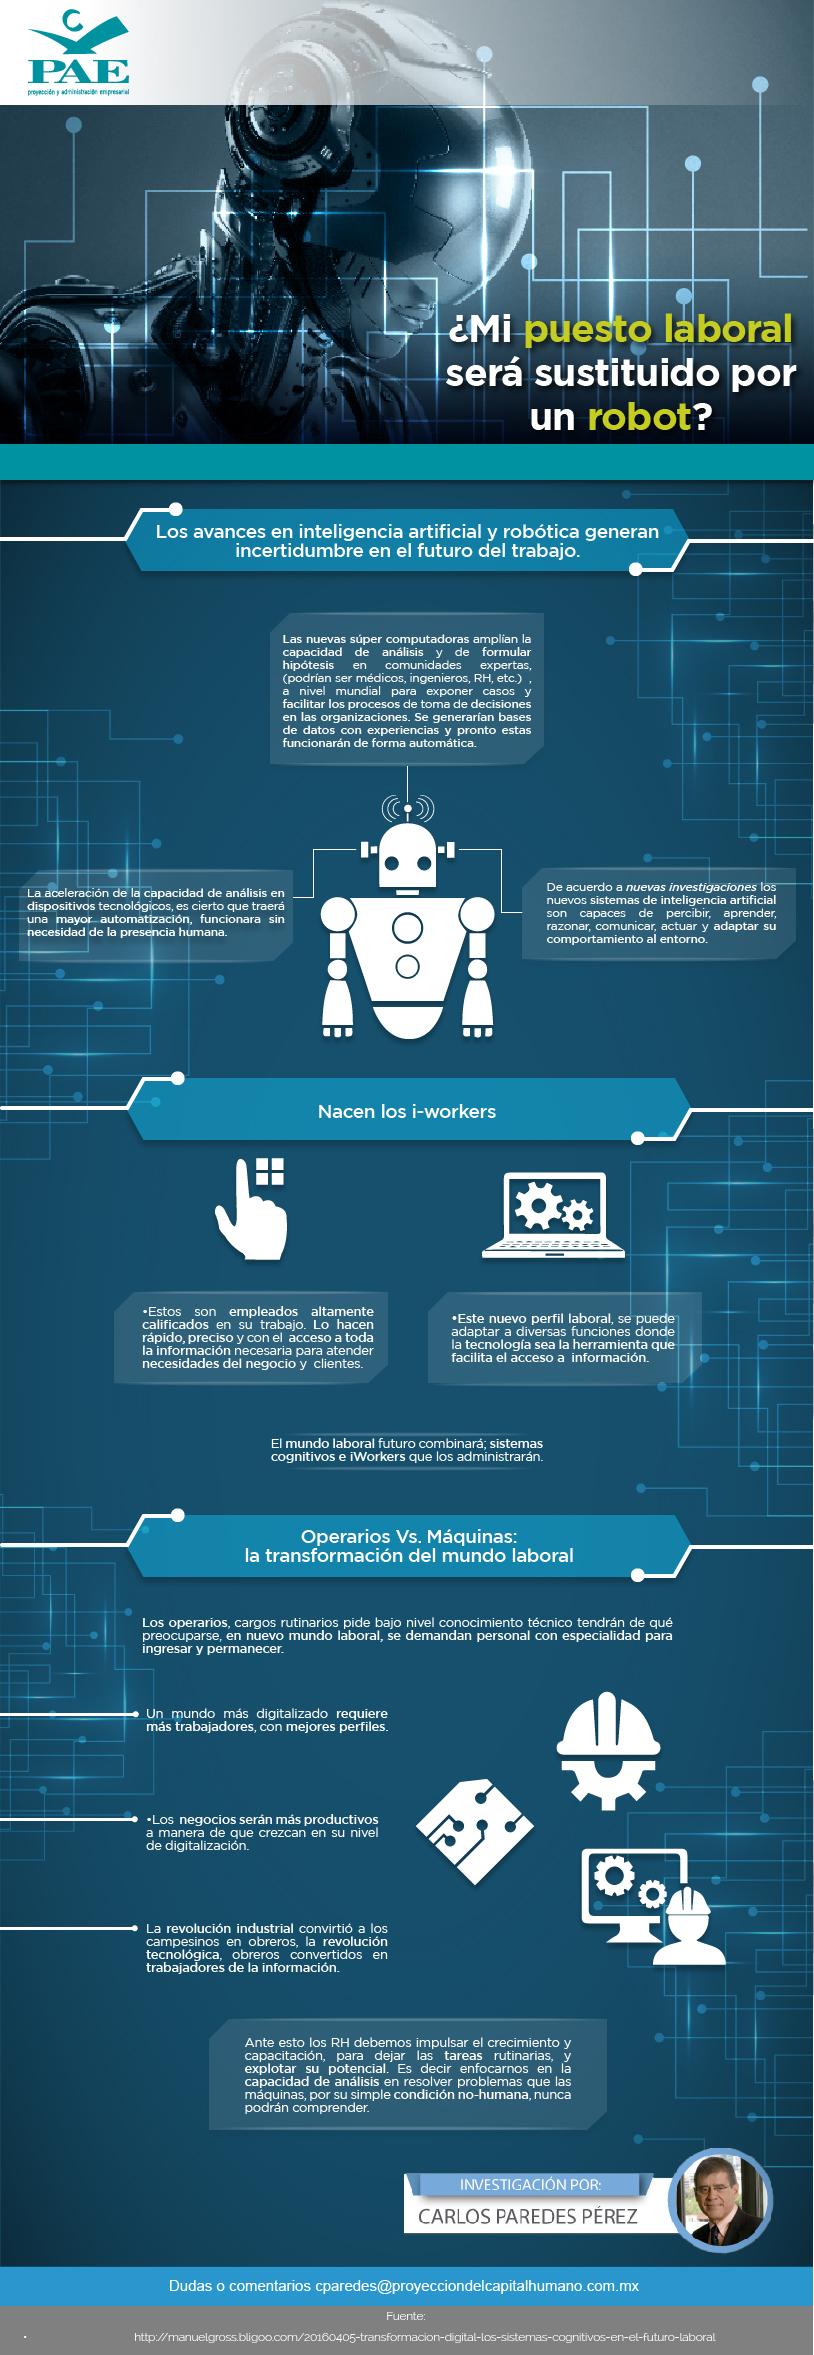 #PAEMX ¿Mi puesto laboral será sustituido por un robot?